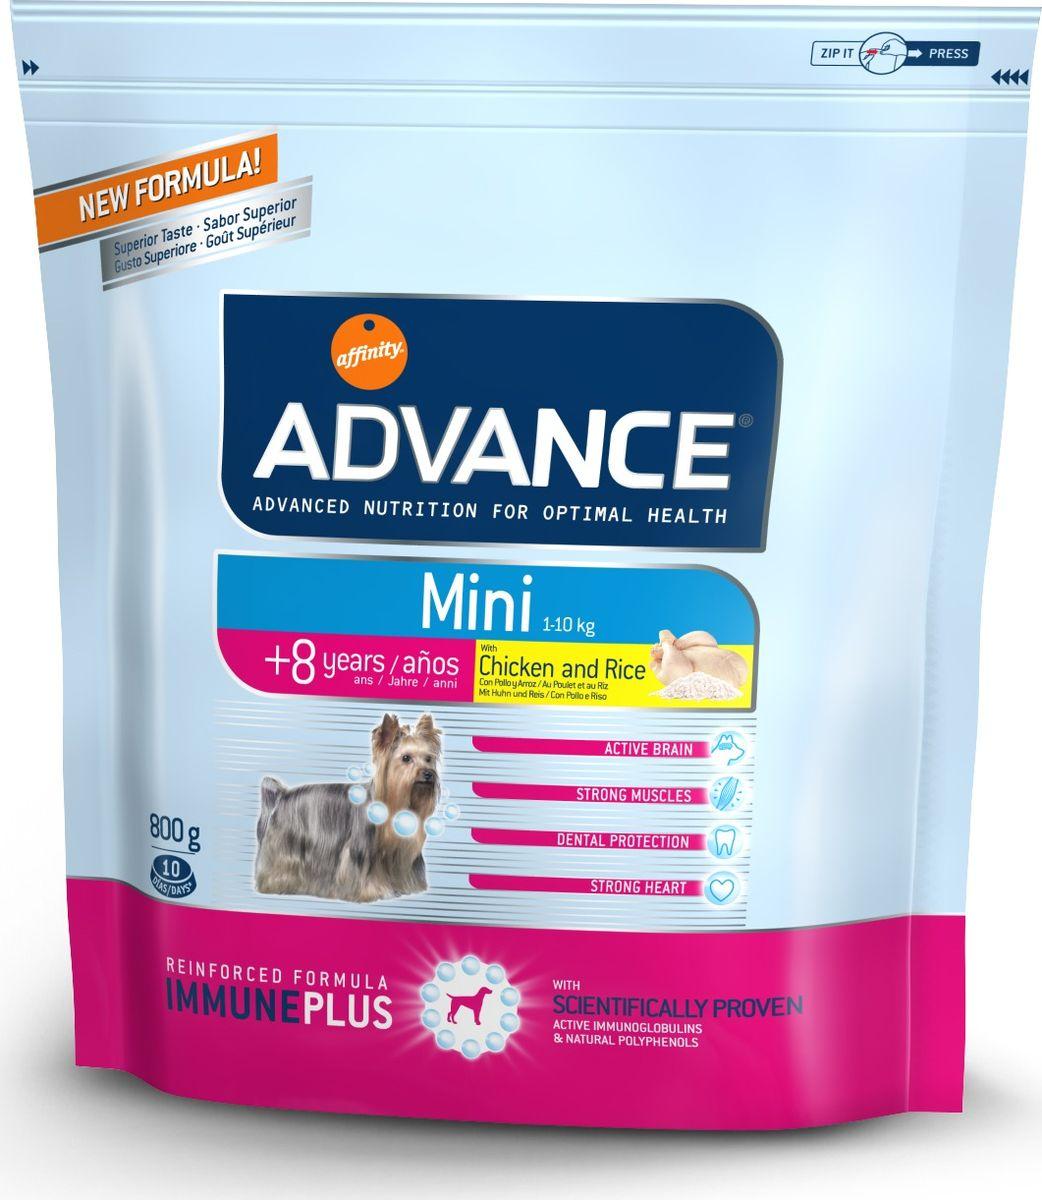 Корму сухой Advance для собак малых пород старше 8 лет Mini Senior, 0,8 кг. 54711913051Advance – высококачественный корм супер-премиум класса Испанской компании Affinity Petcare, которая занимает лидирующие места на Европейском и мировом рынках. Корм разработан с учетом всех особенностей развития и жизнедеятельности собак и кошек. В линейке кормов Advance любой хозяин может подобрать необходимое питание в соответствии с возрастом и уникальными особенностями своего животного, а также в случае назначения специалистами ветеринарной диеты. Курица (16%), мука из маиса, дегидрированное мясо курицы, пшеница, рис (10%), мука из пшеницы, маис, гидролизированный белок животного происхождения, животный жир, свекольный жом, кукурузые отруби, яичный порошок, дрожжи, рыбий жир, хлористый калий, плазменный протеин, карбонат кальция, пирофосфорнокислый натрий, глюкозамин, хондроитин сульфат, природные полифенолы. Affinity Petcare имеет собственную лабораторию, а также сотрудничает со множеством международных исследовательских центров, благодаря чему специалисты постоянно совершенствуют...